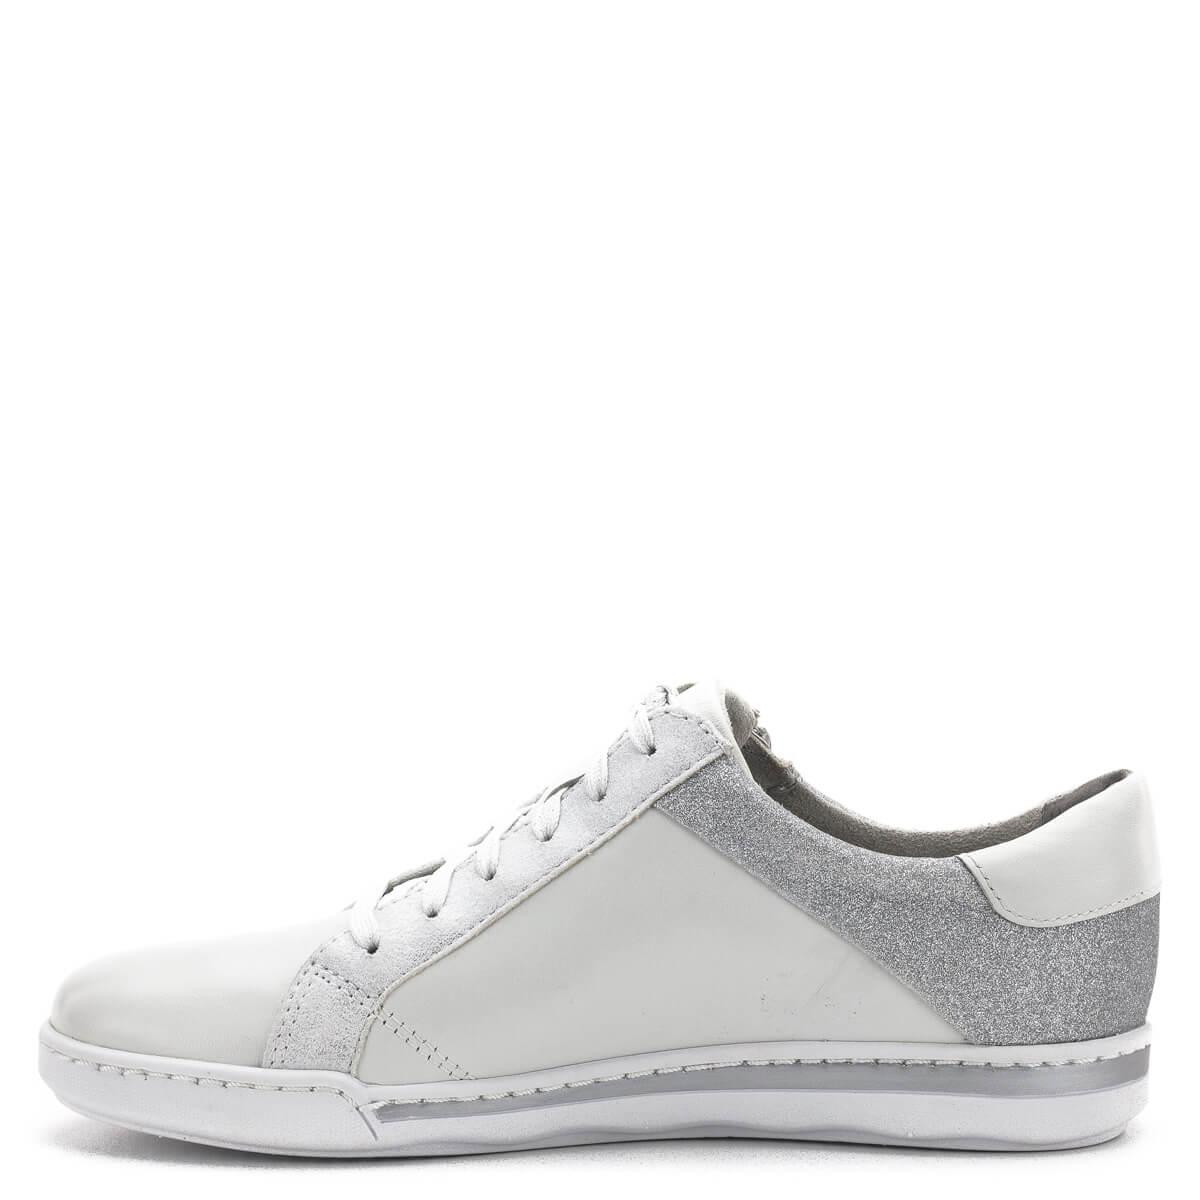 3a6c0cdeb6 ... Tamaris cipő fehér színben, ezüstös csillogó részekkel. Fűzős cipő,  mely memóriahabos Tamaris Touch ...